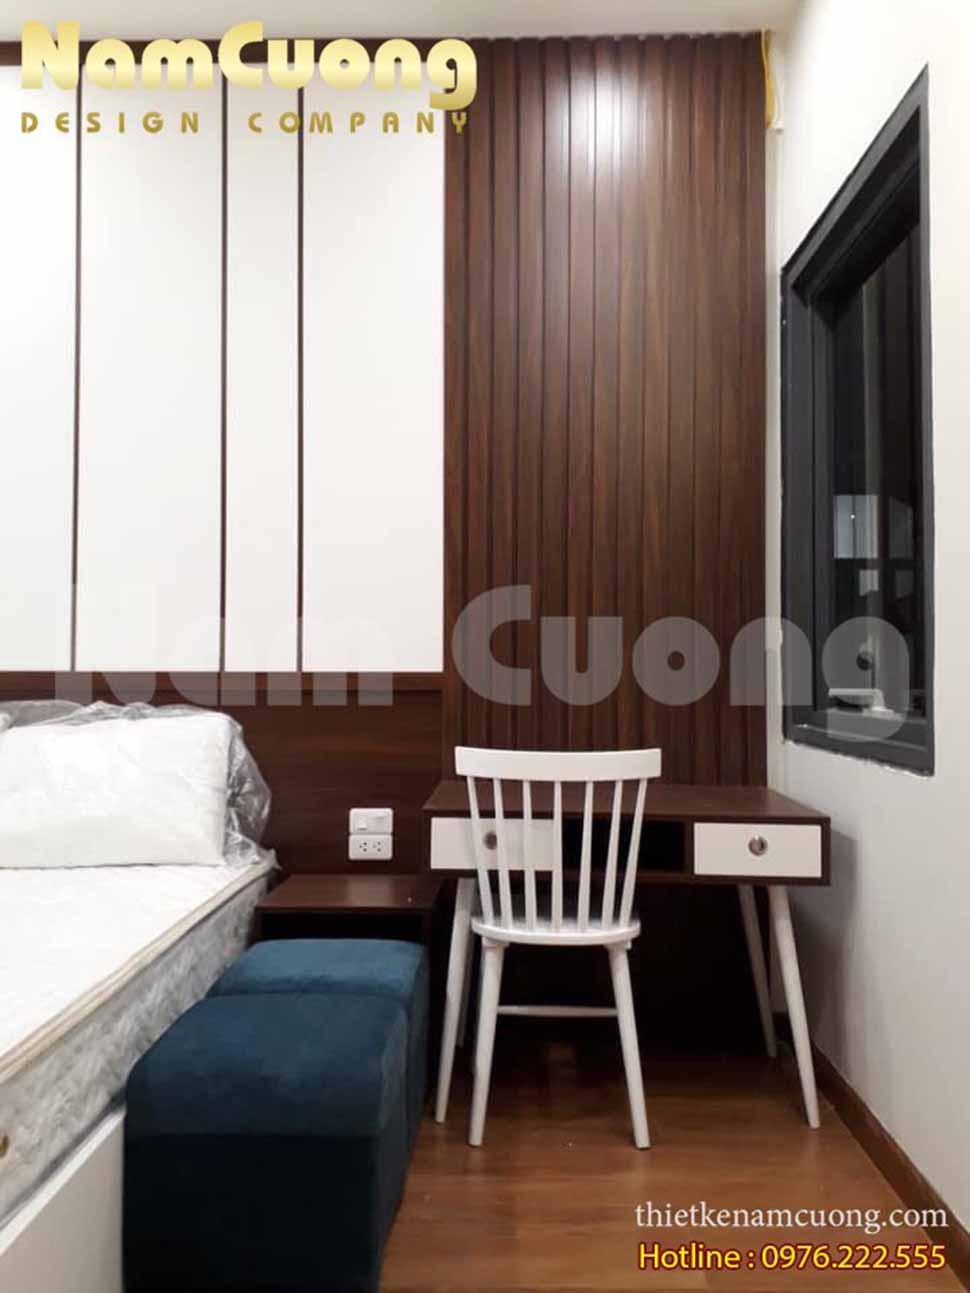 Thiết kế và thi công nội thất chung cư hiện đại